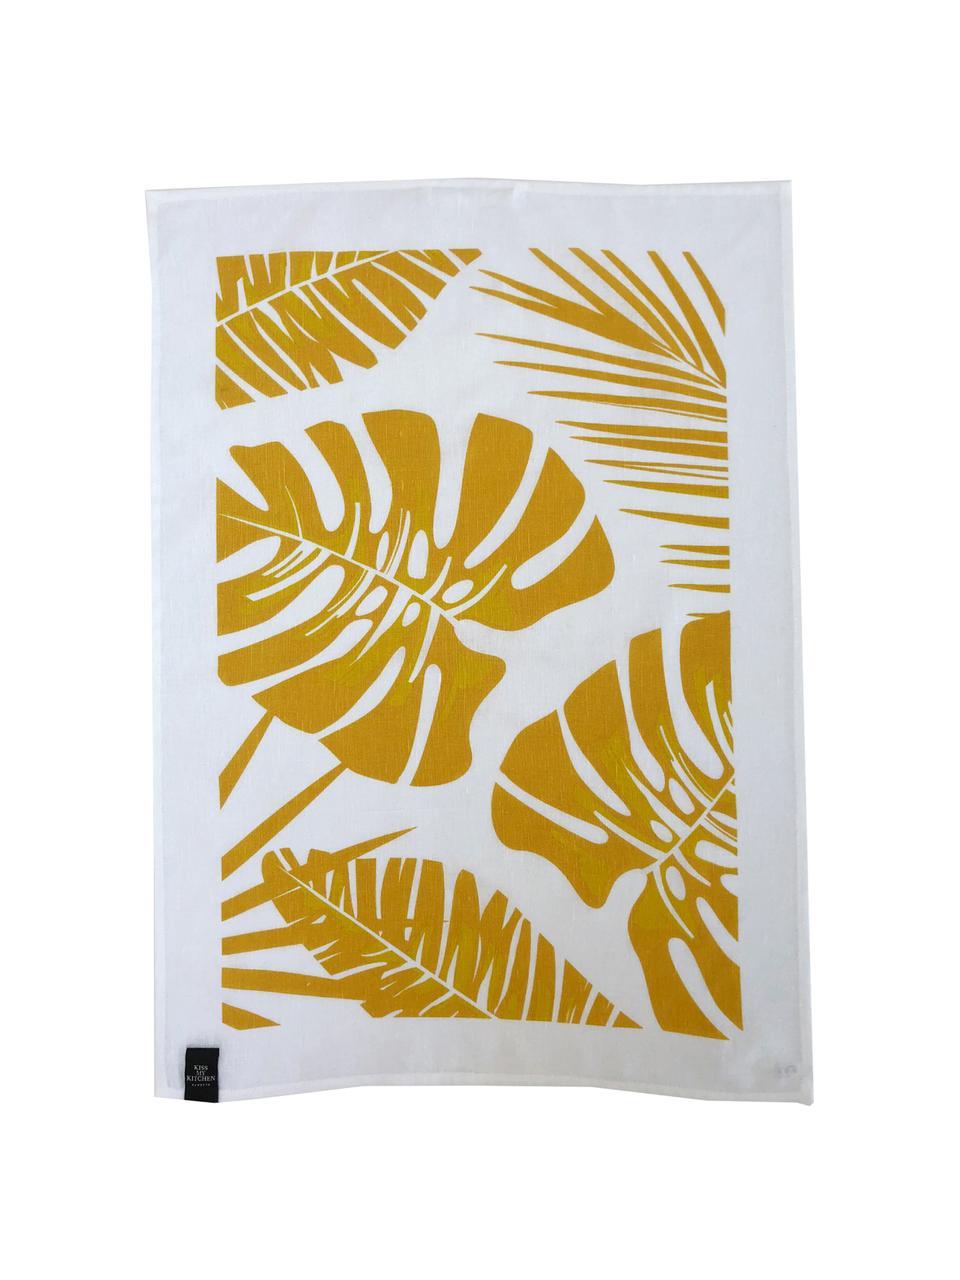 Halflinnen theedoeken Urban Jungle, 2 stuks, 50% linnen, 50% katoen, Wit, geel, 50 x 70 cm